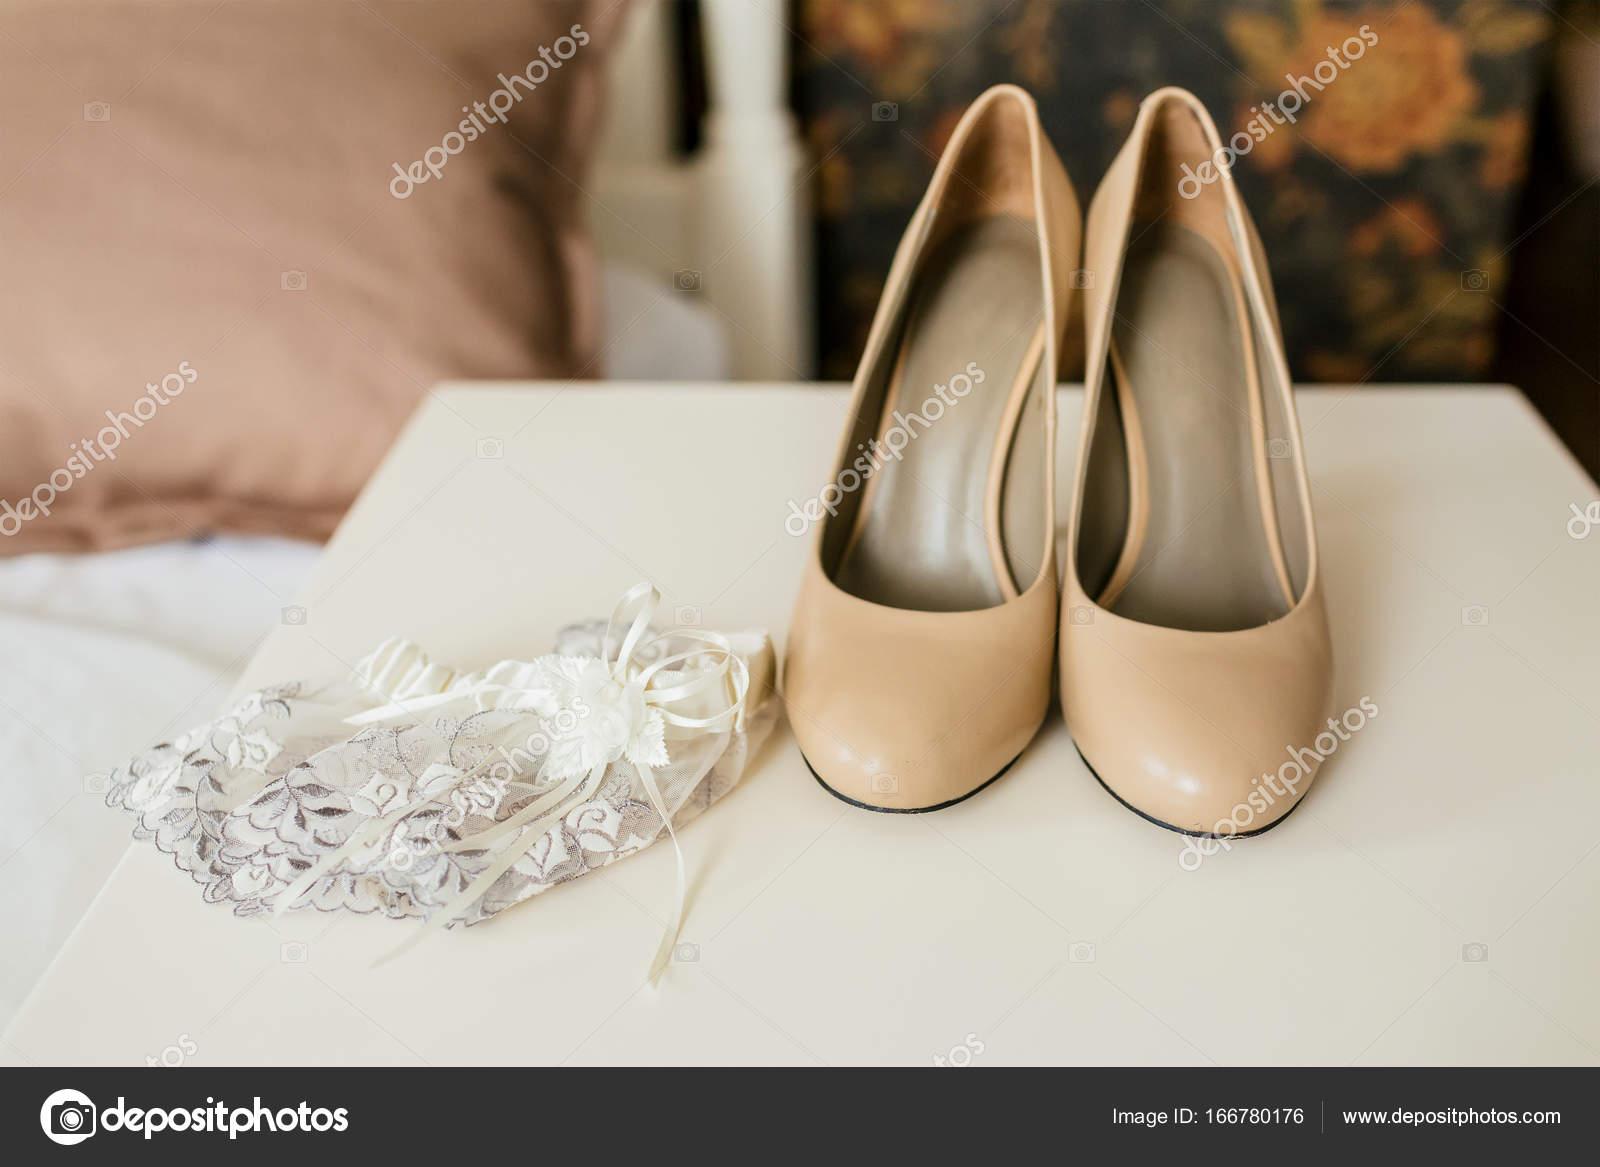 aca32258bdb3f4 Beige Schuhe auf einem Fersen und Spitzen-Strumpfband auf einem weißen  Tisch. Hochzeit Vorbereitung. Kunstwerk– Stockbild